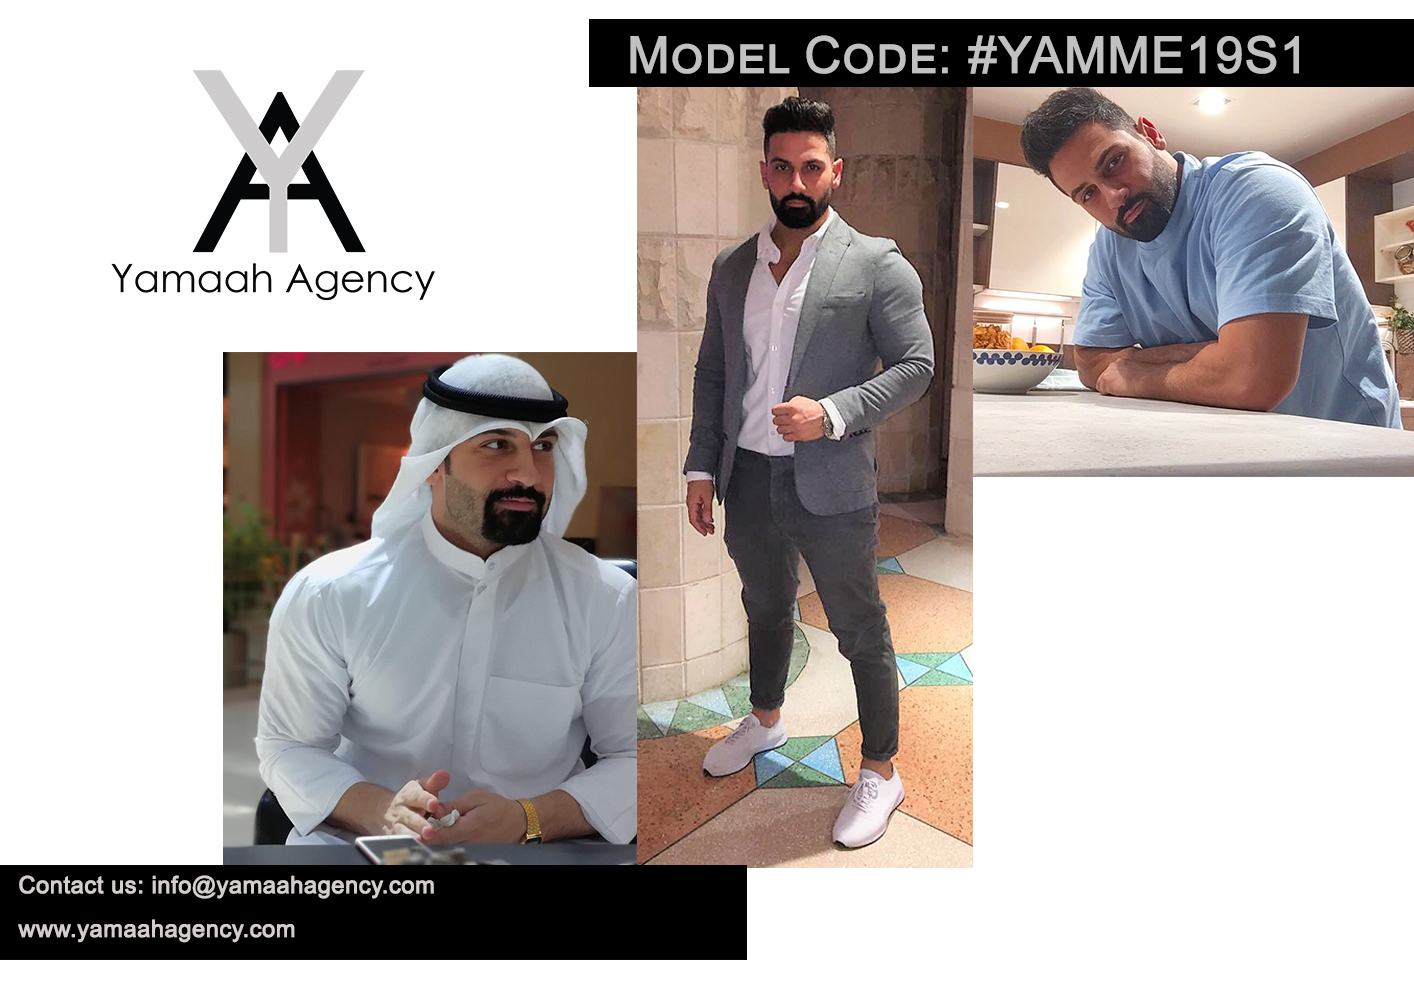 YAMME19S1 Kuwait male models